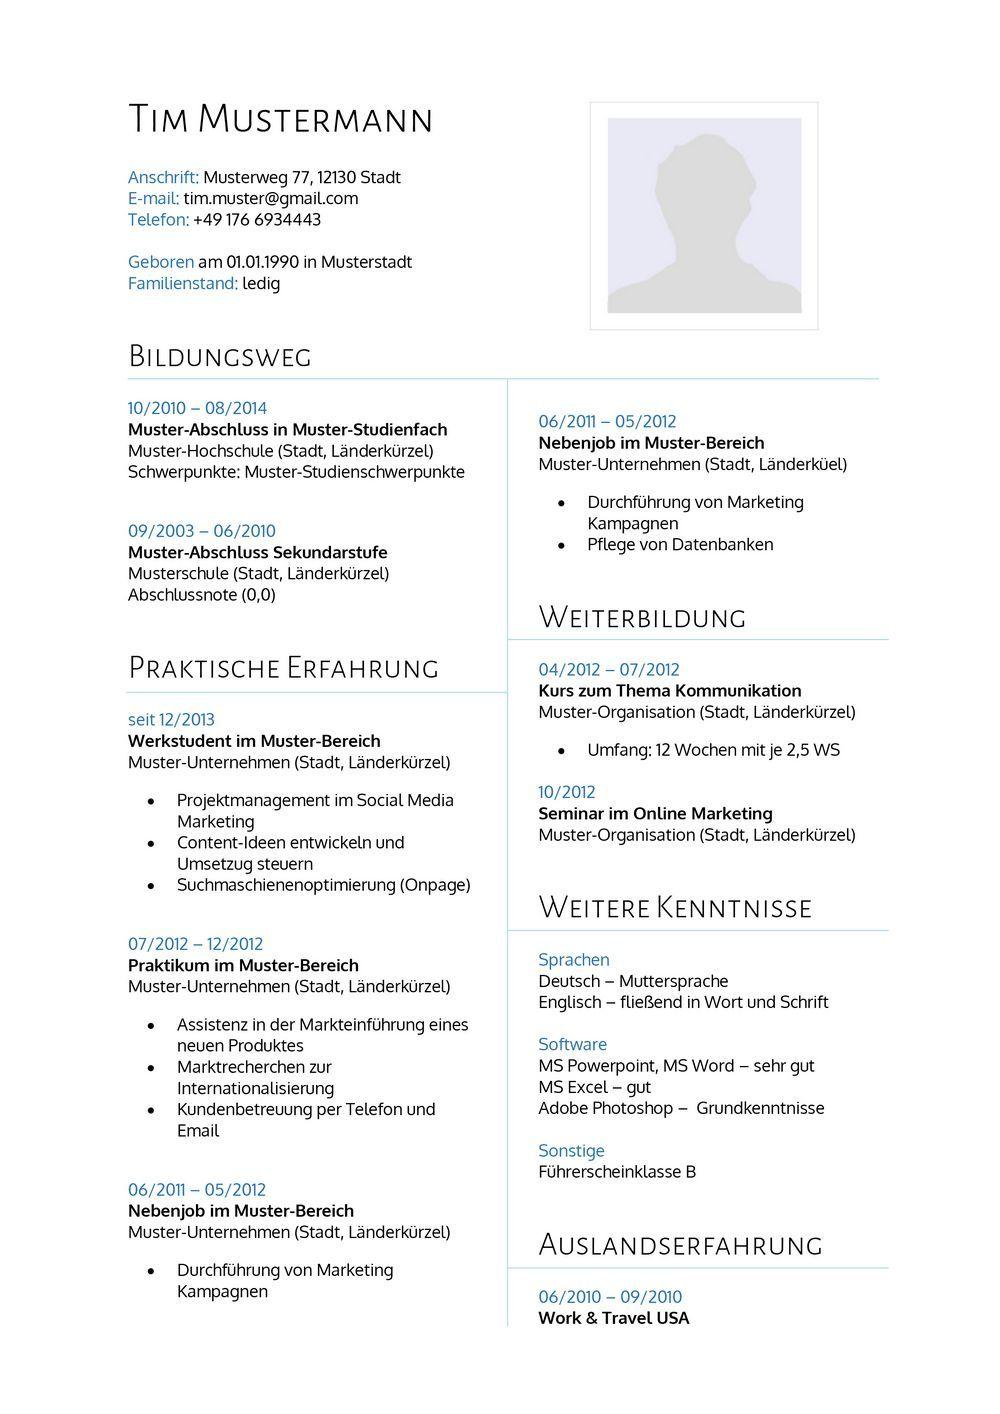 Großzügig Zeig Mir Einen Lebenslauf Ideen - Entry Level Resume ...